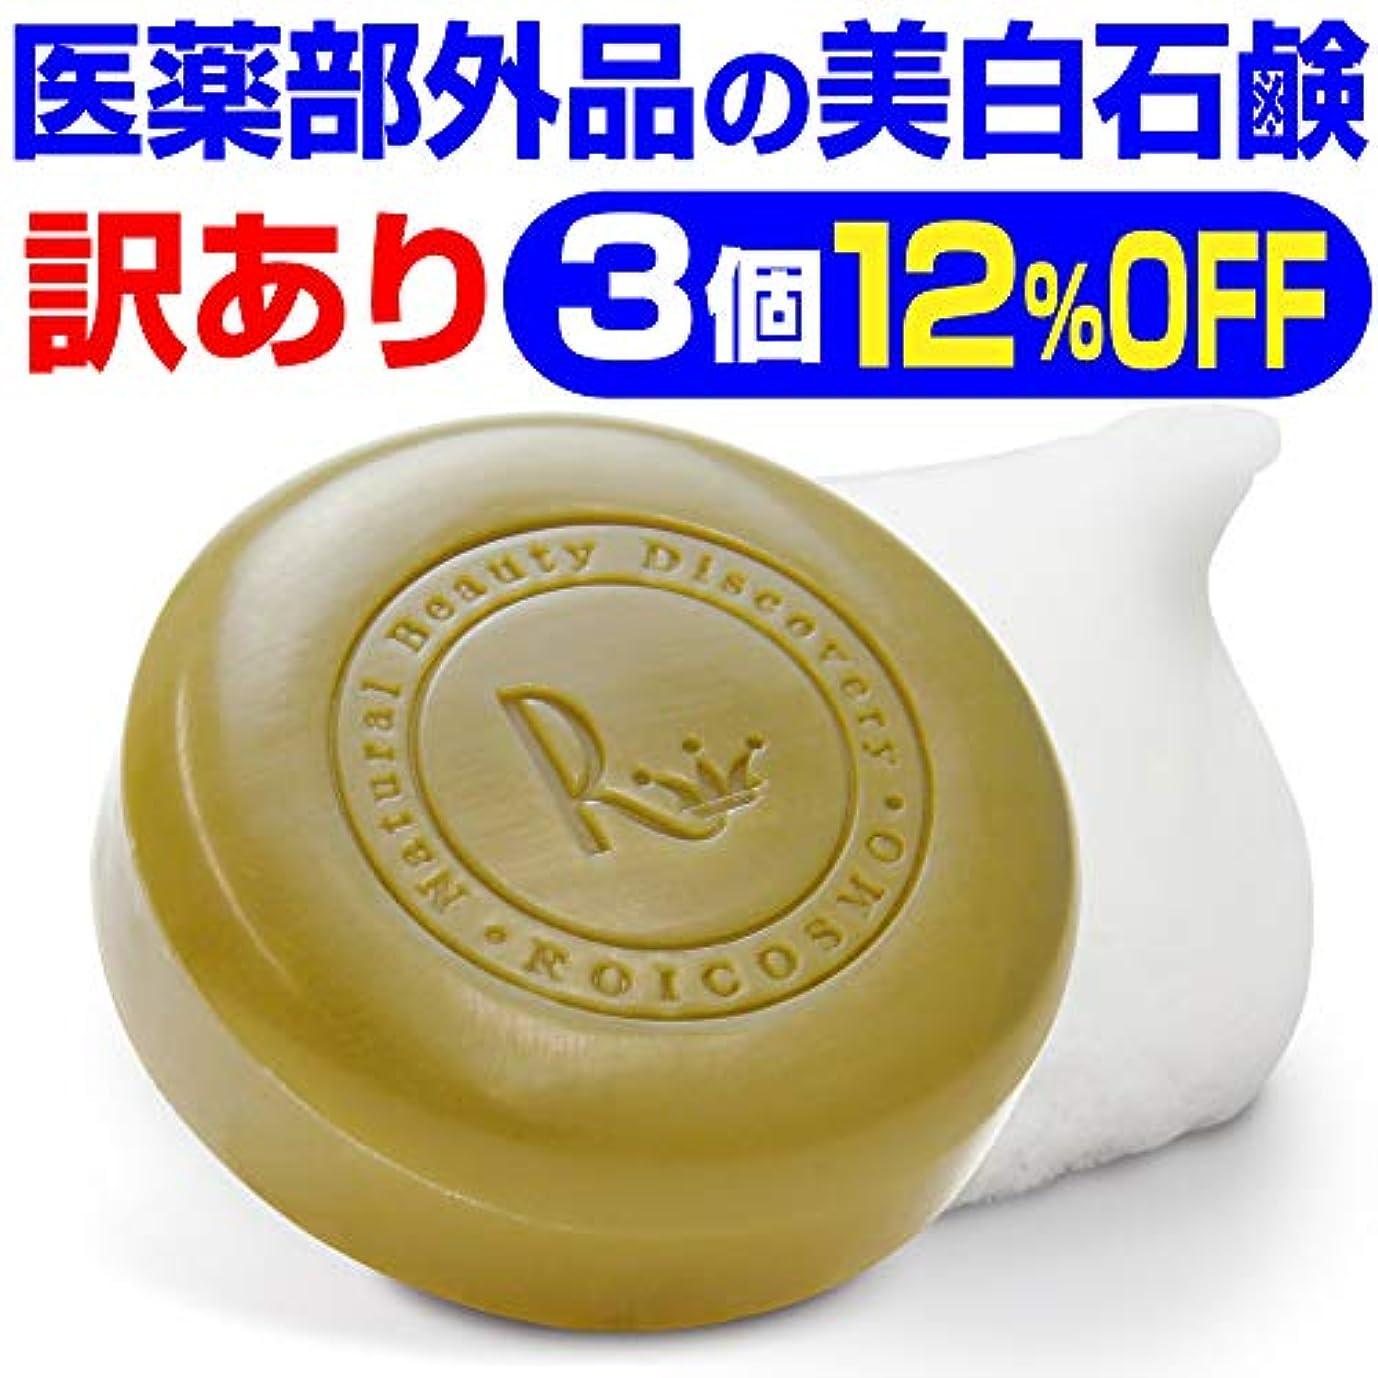 遅滞脆い硬い訳あり12%OFF(1個2,090円)売切れ御免 ビタミンC270倍の美白成分の 洗顔石鹸『ホワイトソープ100g×3個』